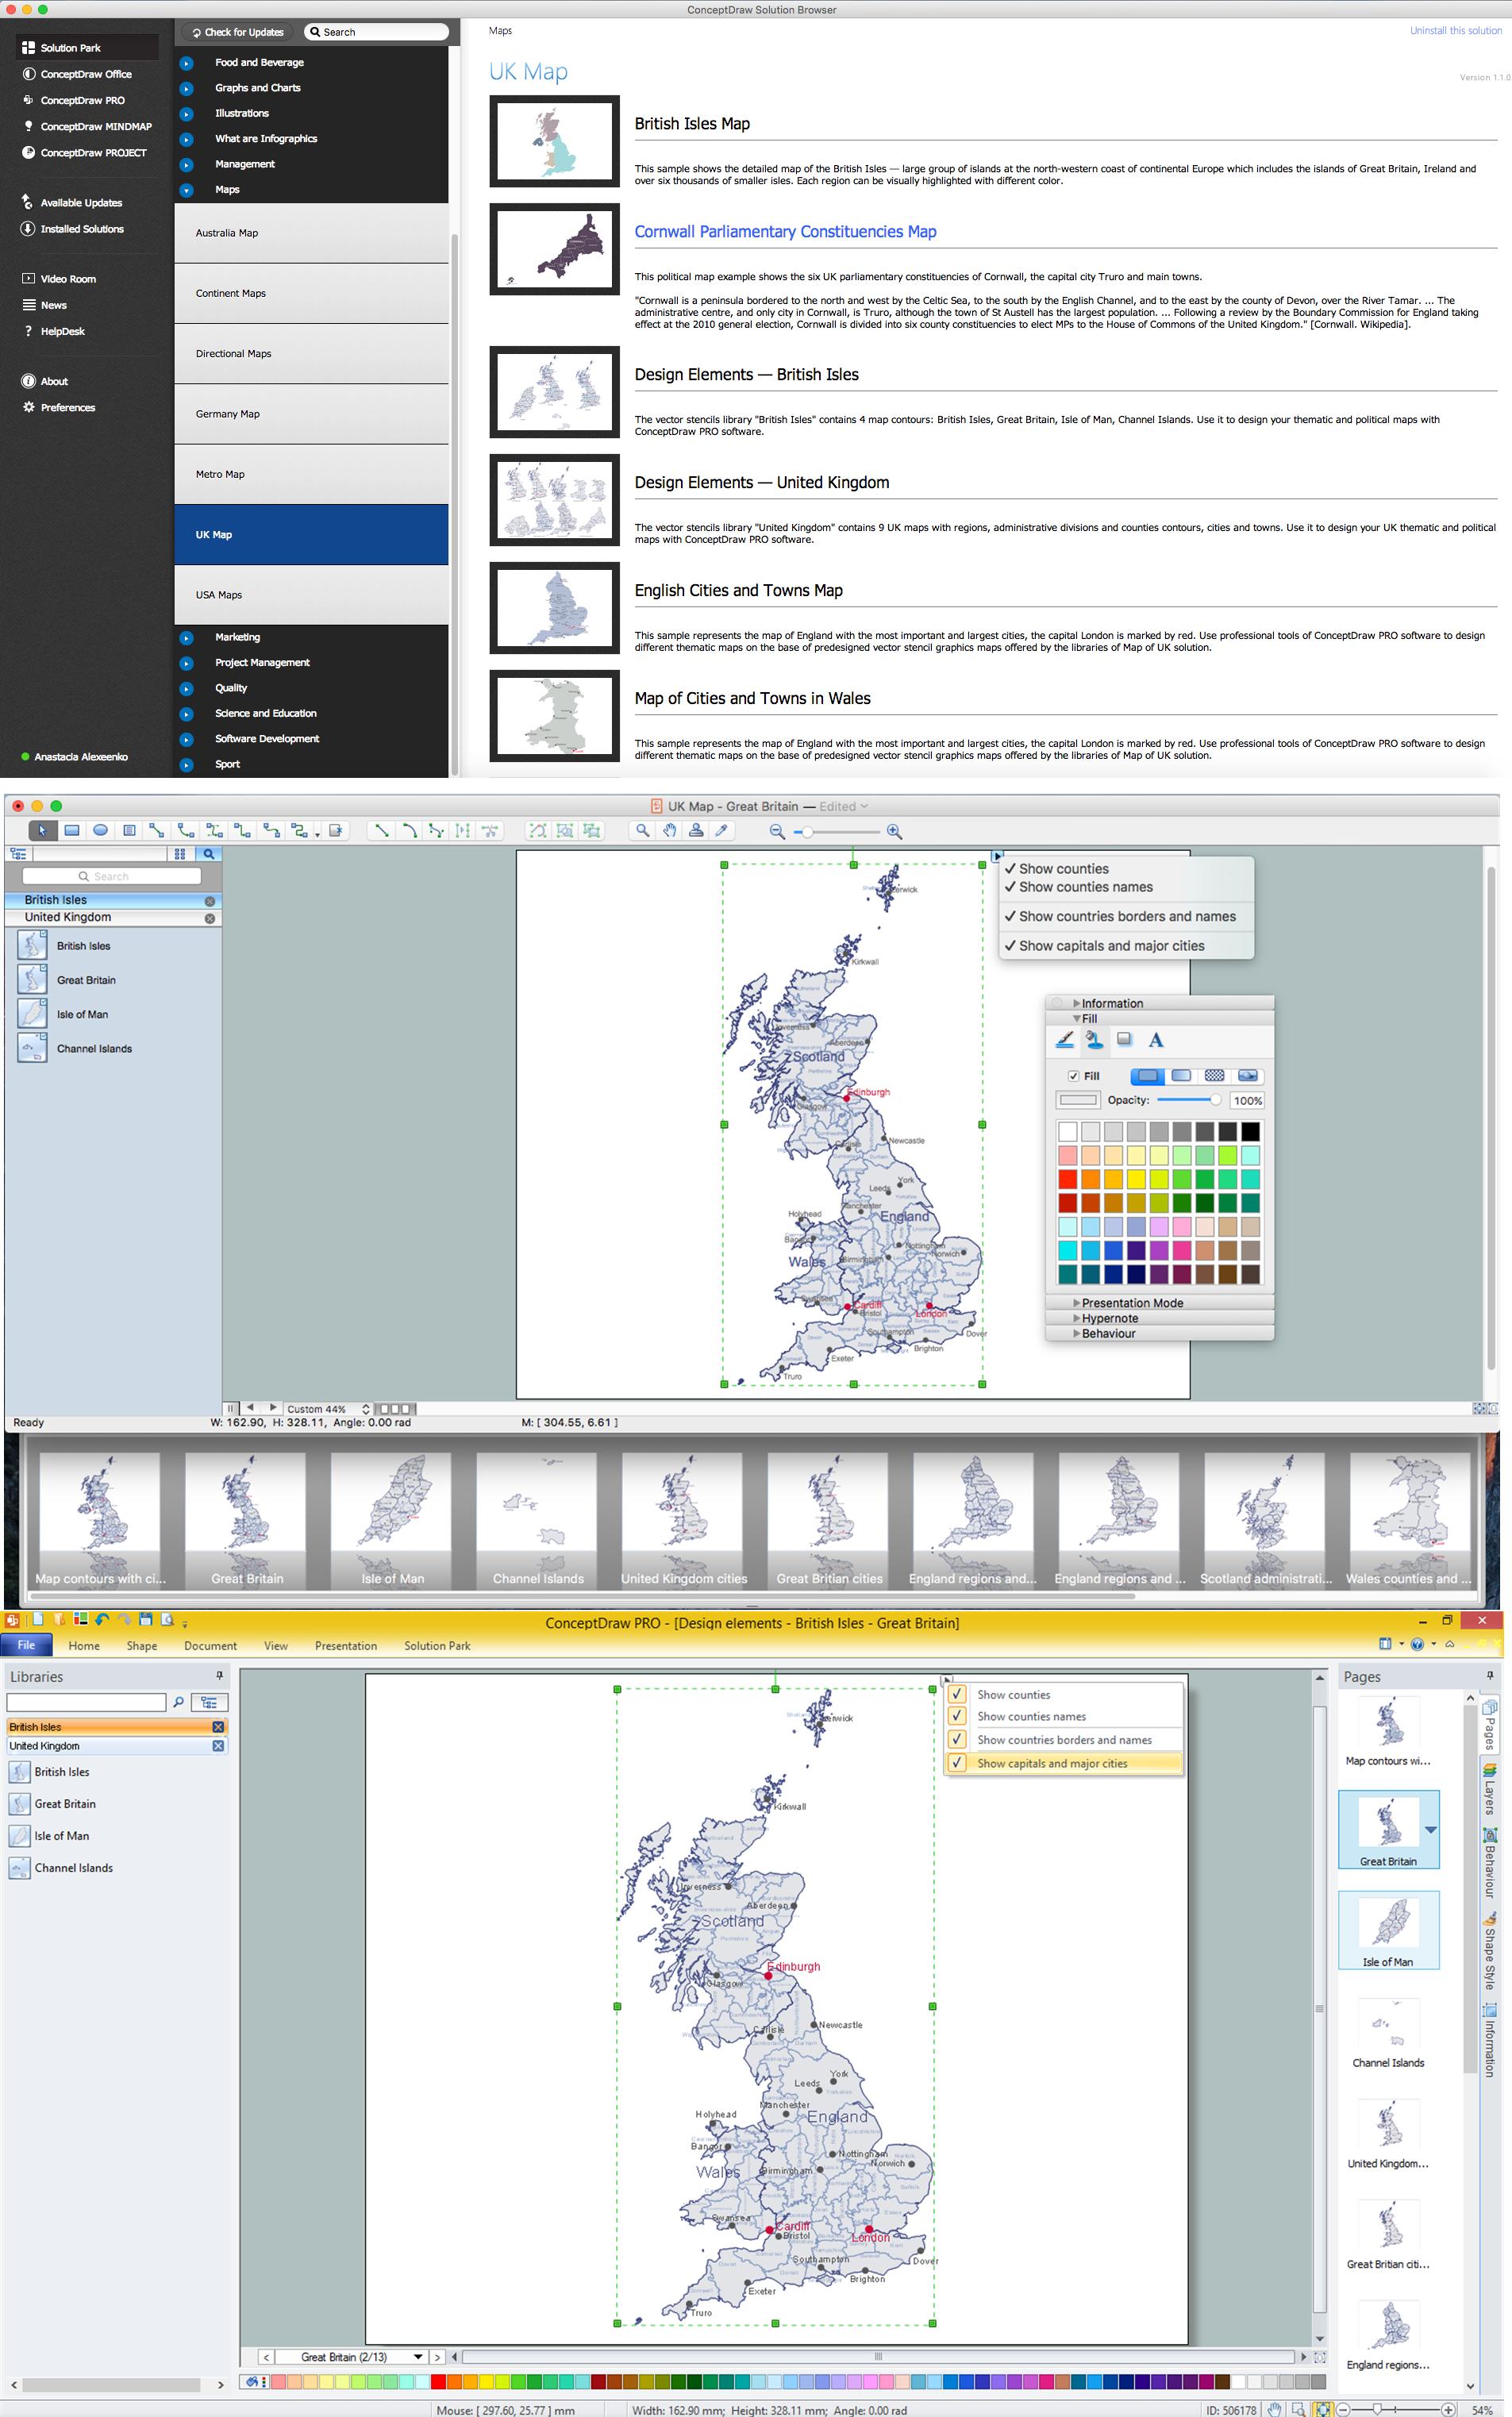 Map of UK — Great Britain